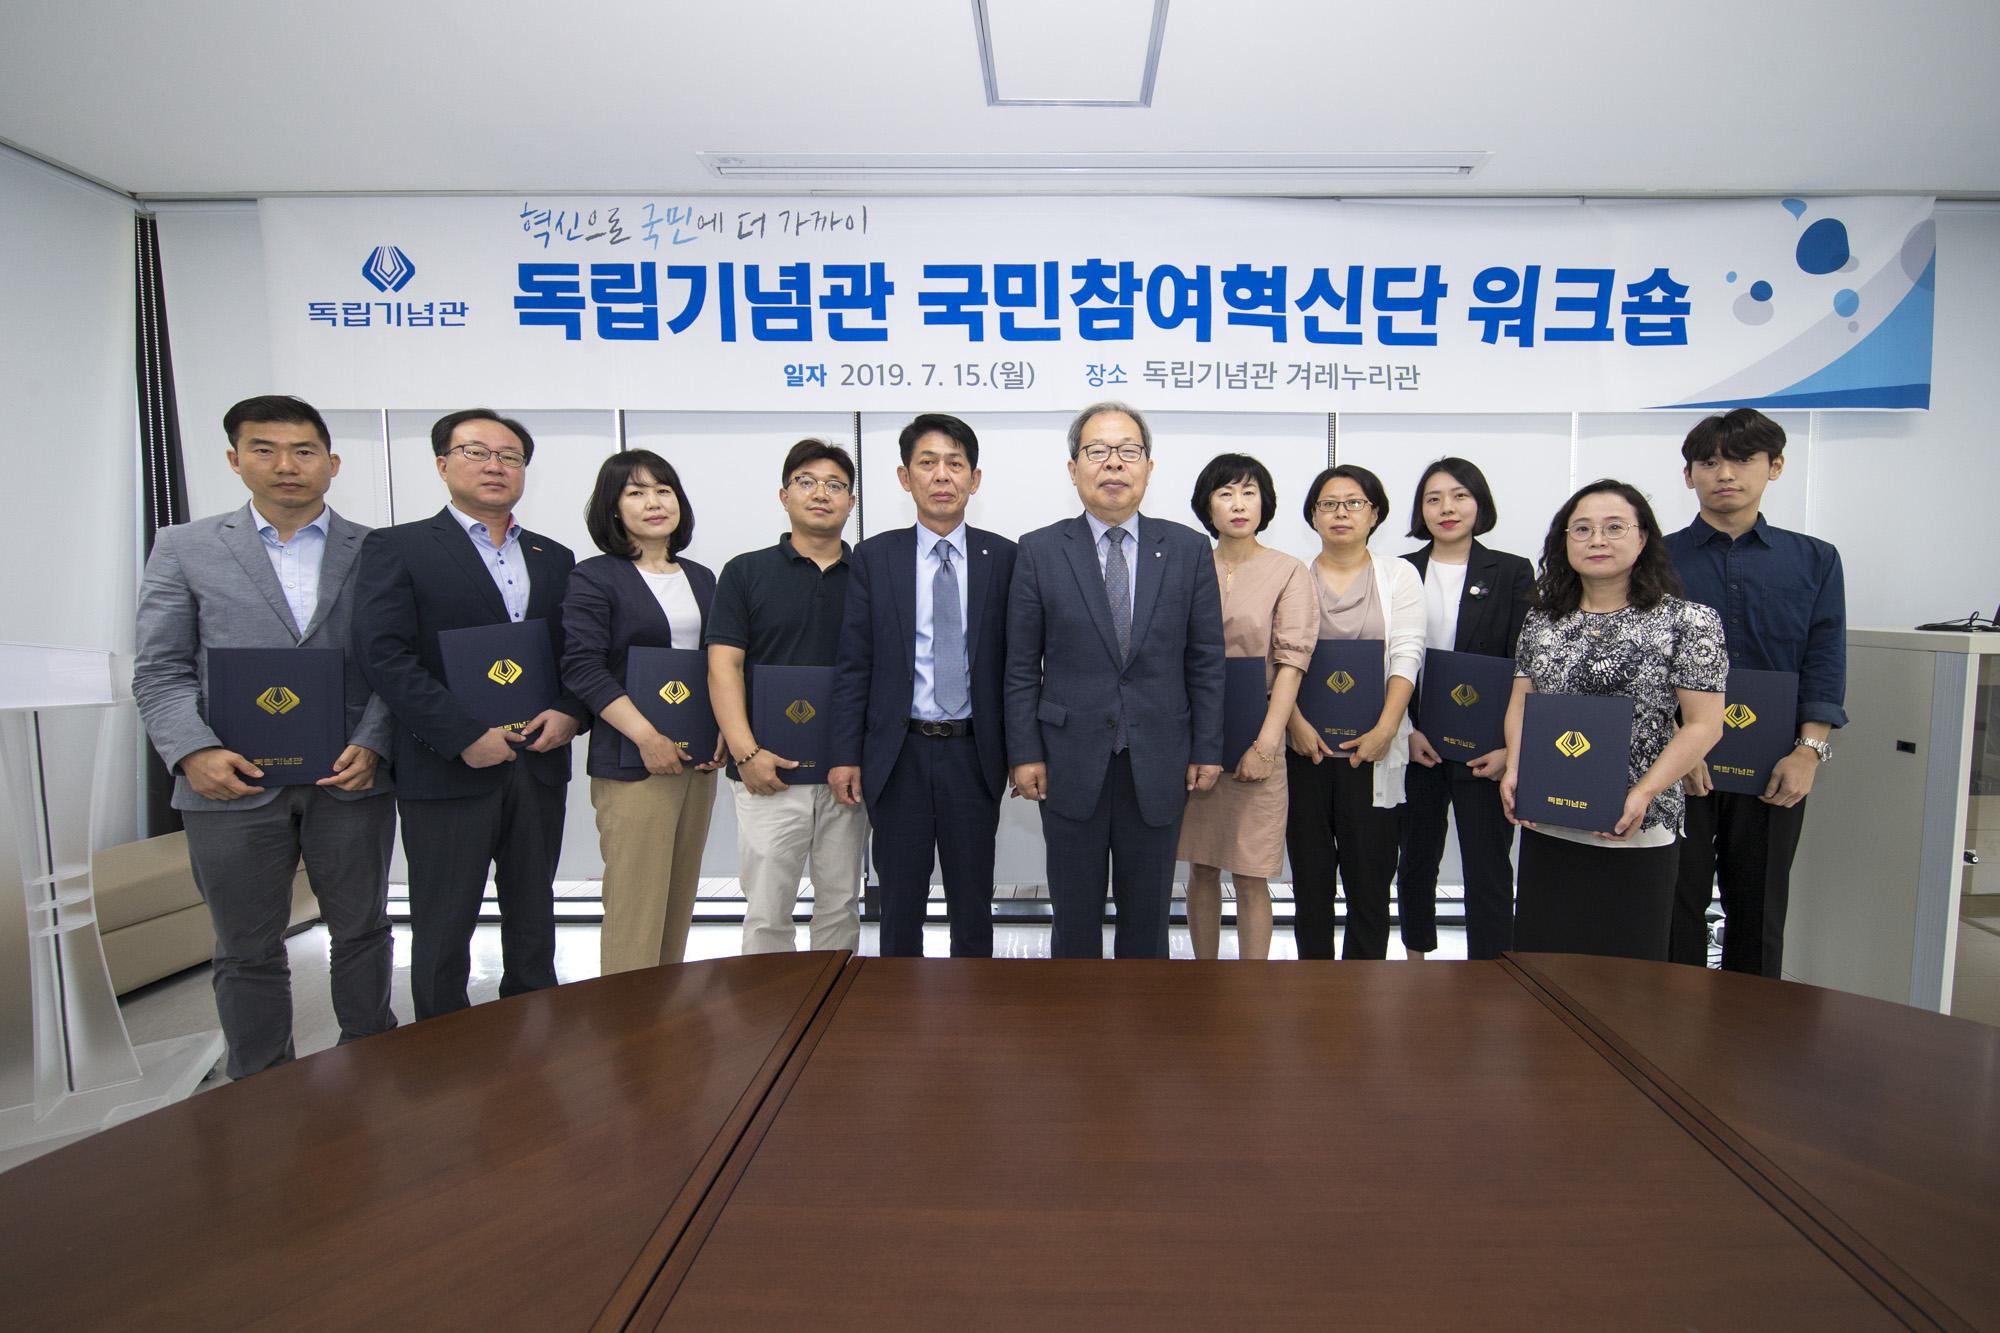 (사진)2019년 국민참여혁신단 위촉식 및 워크숍19